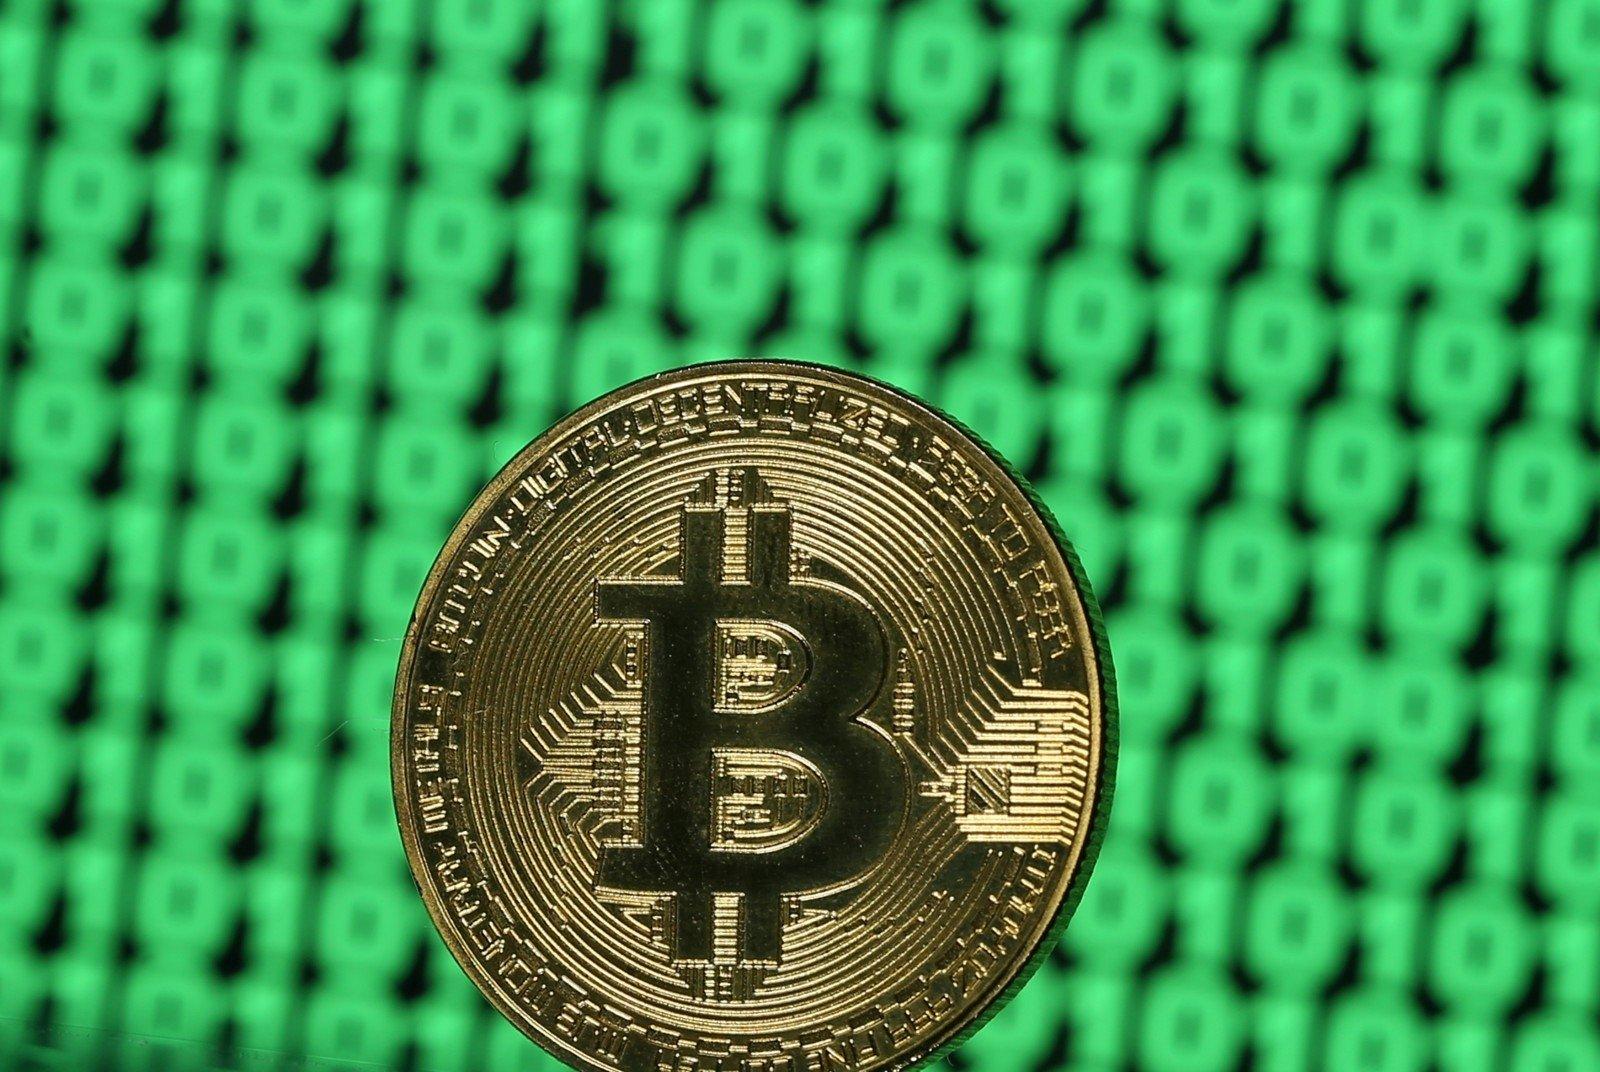 Binariniai Variantai, Kurie Priima Bitkoiną